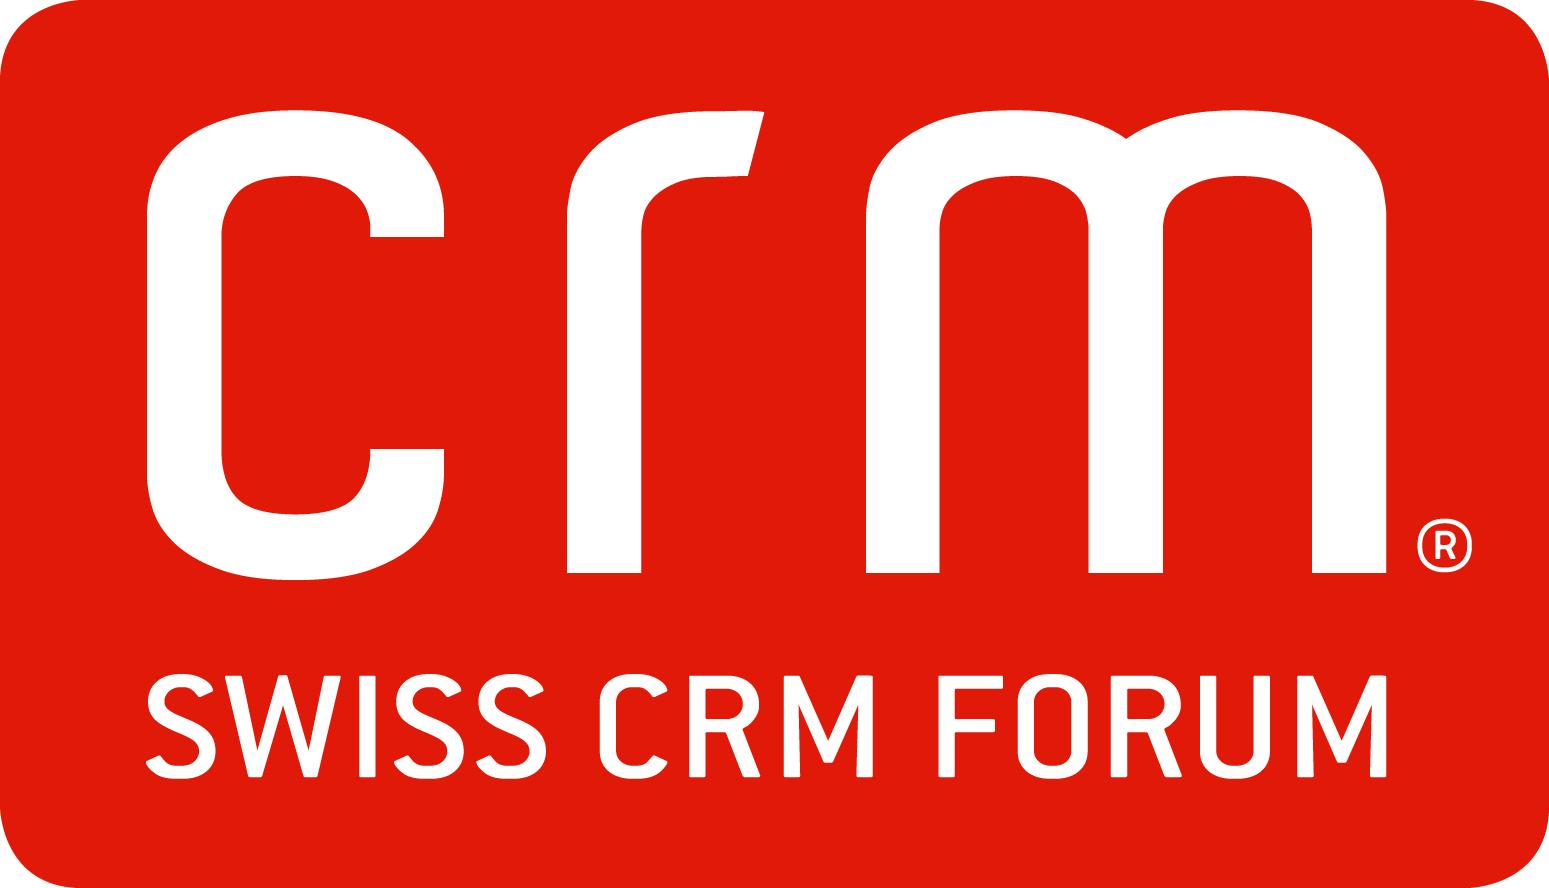 Image{width=1549, height=888, url='https://www.cmm360.ch/hubfs/SCF-Logo-CMYK.jpg'}